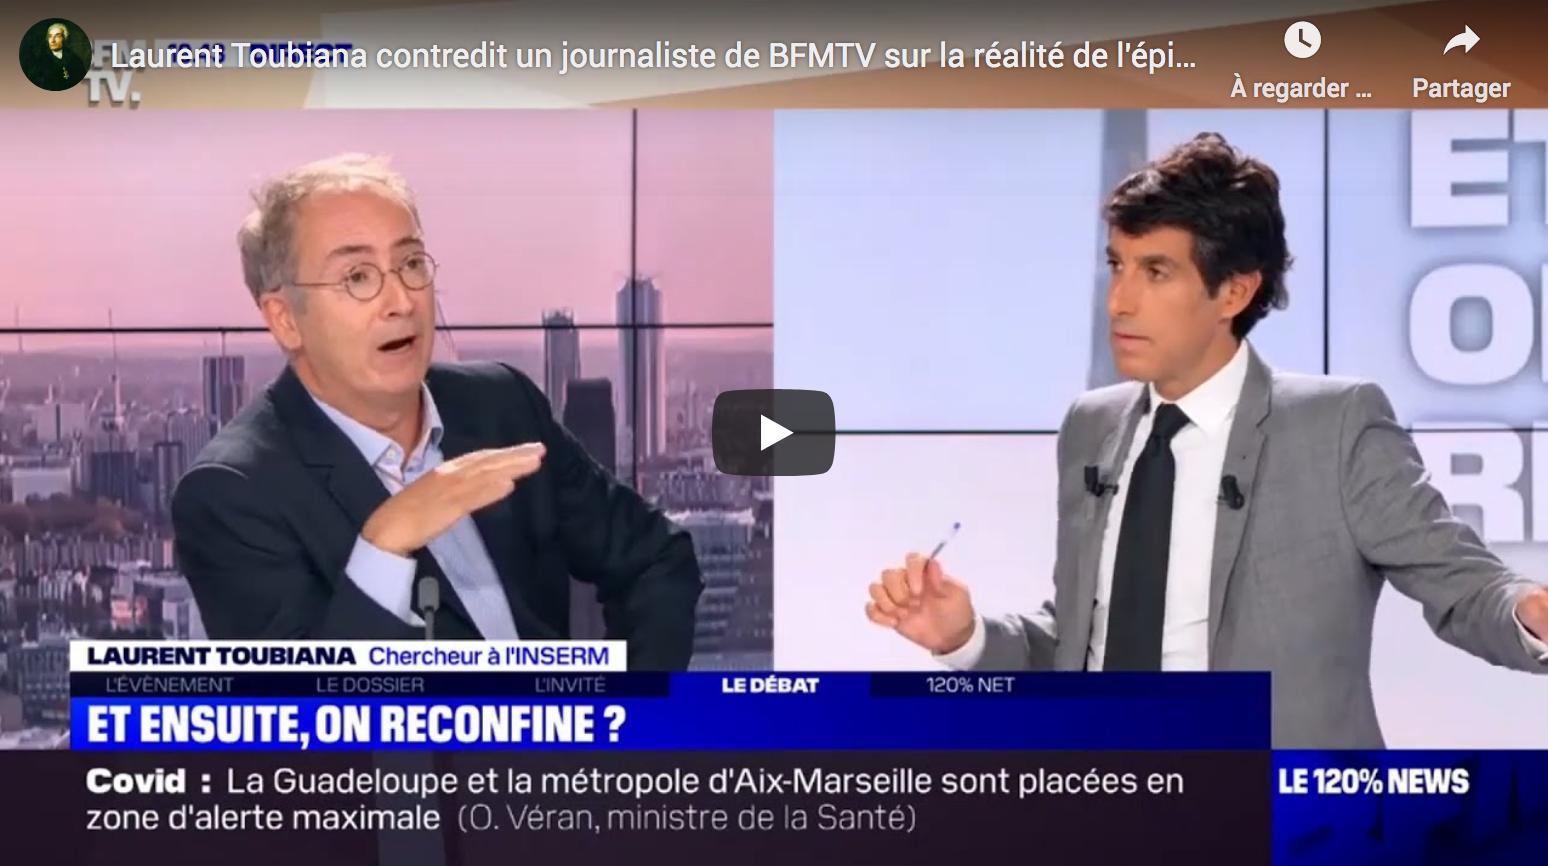 Covid-19 : Laurent Toubiana contredit un journaliste de BFMTV sur la réalité de l'épidémie (VIDÉO)